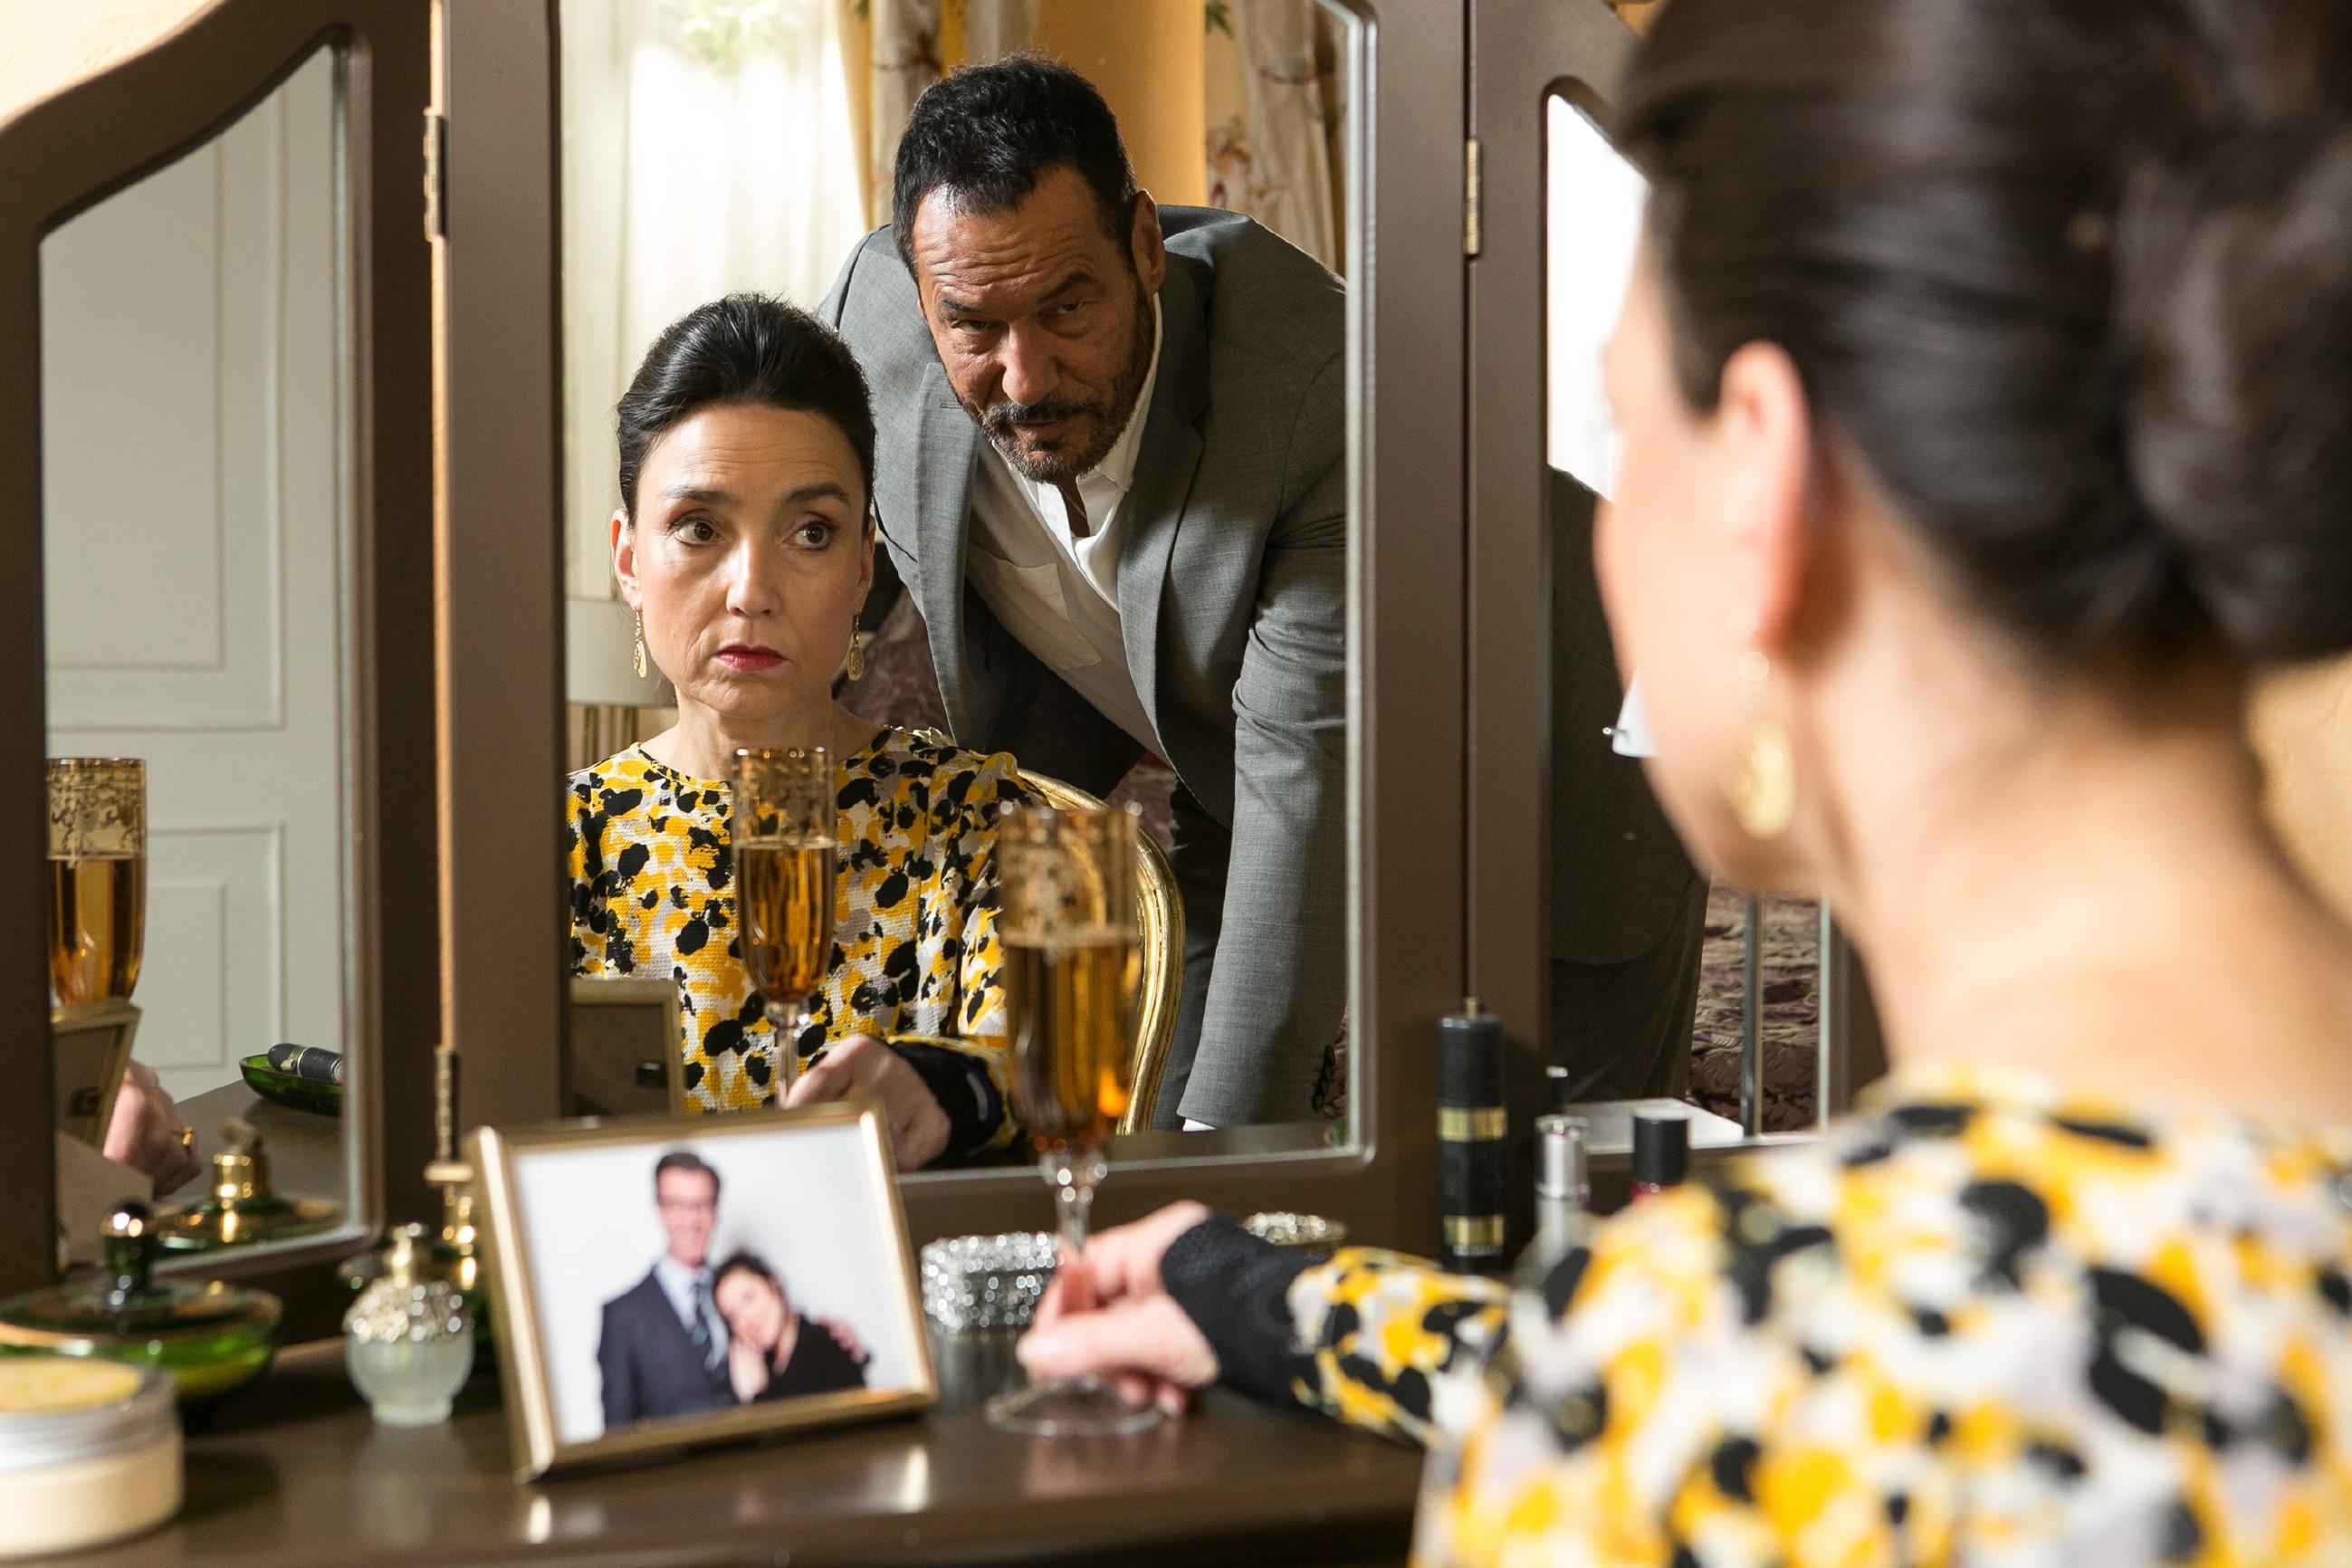 Nachdem Richard (Silvan-Pierre Leirich) ihr Christophs Plan gebeichtet hat, fällt es Simone (Tatjana Clasing) schwer, zu akzeptieren, dass sie Vanessas Hochzeit nicht erleben darf. (Quelle: RTL / Kai Schulz)